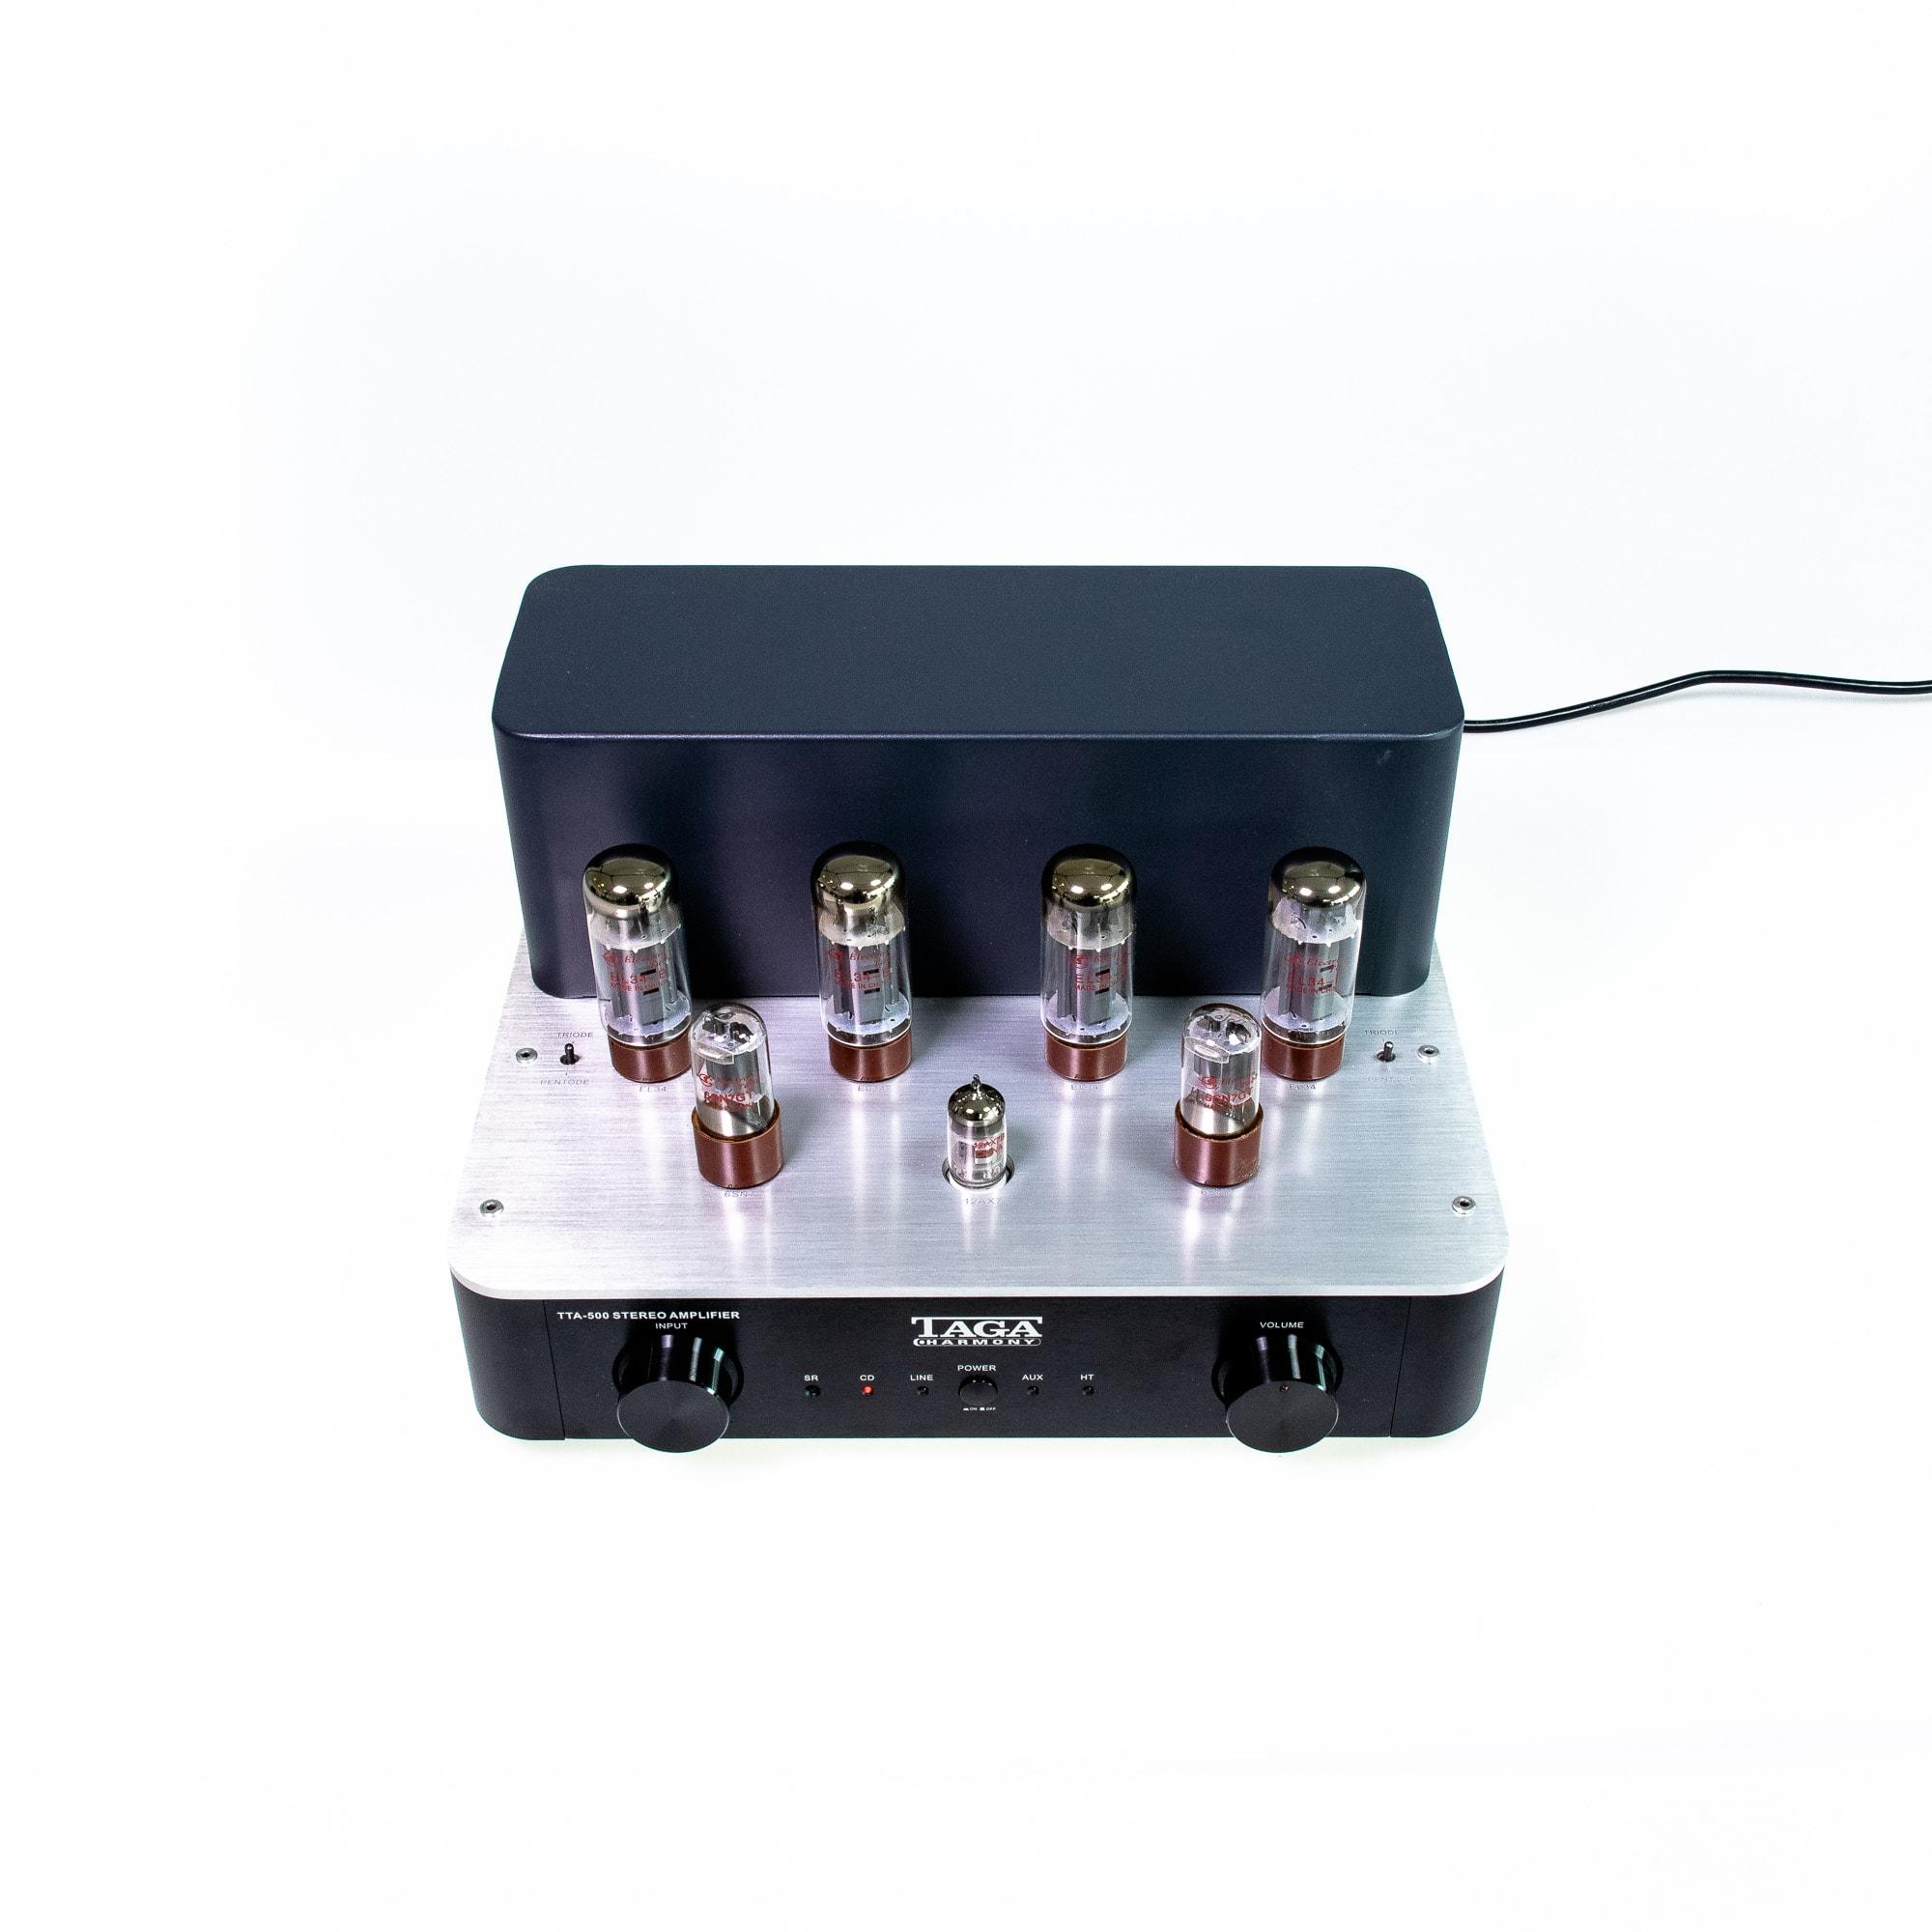 gebraucht kaufen Taga-Audio-TT-500-11-Seite